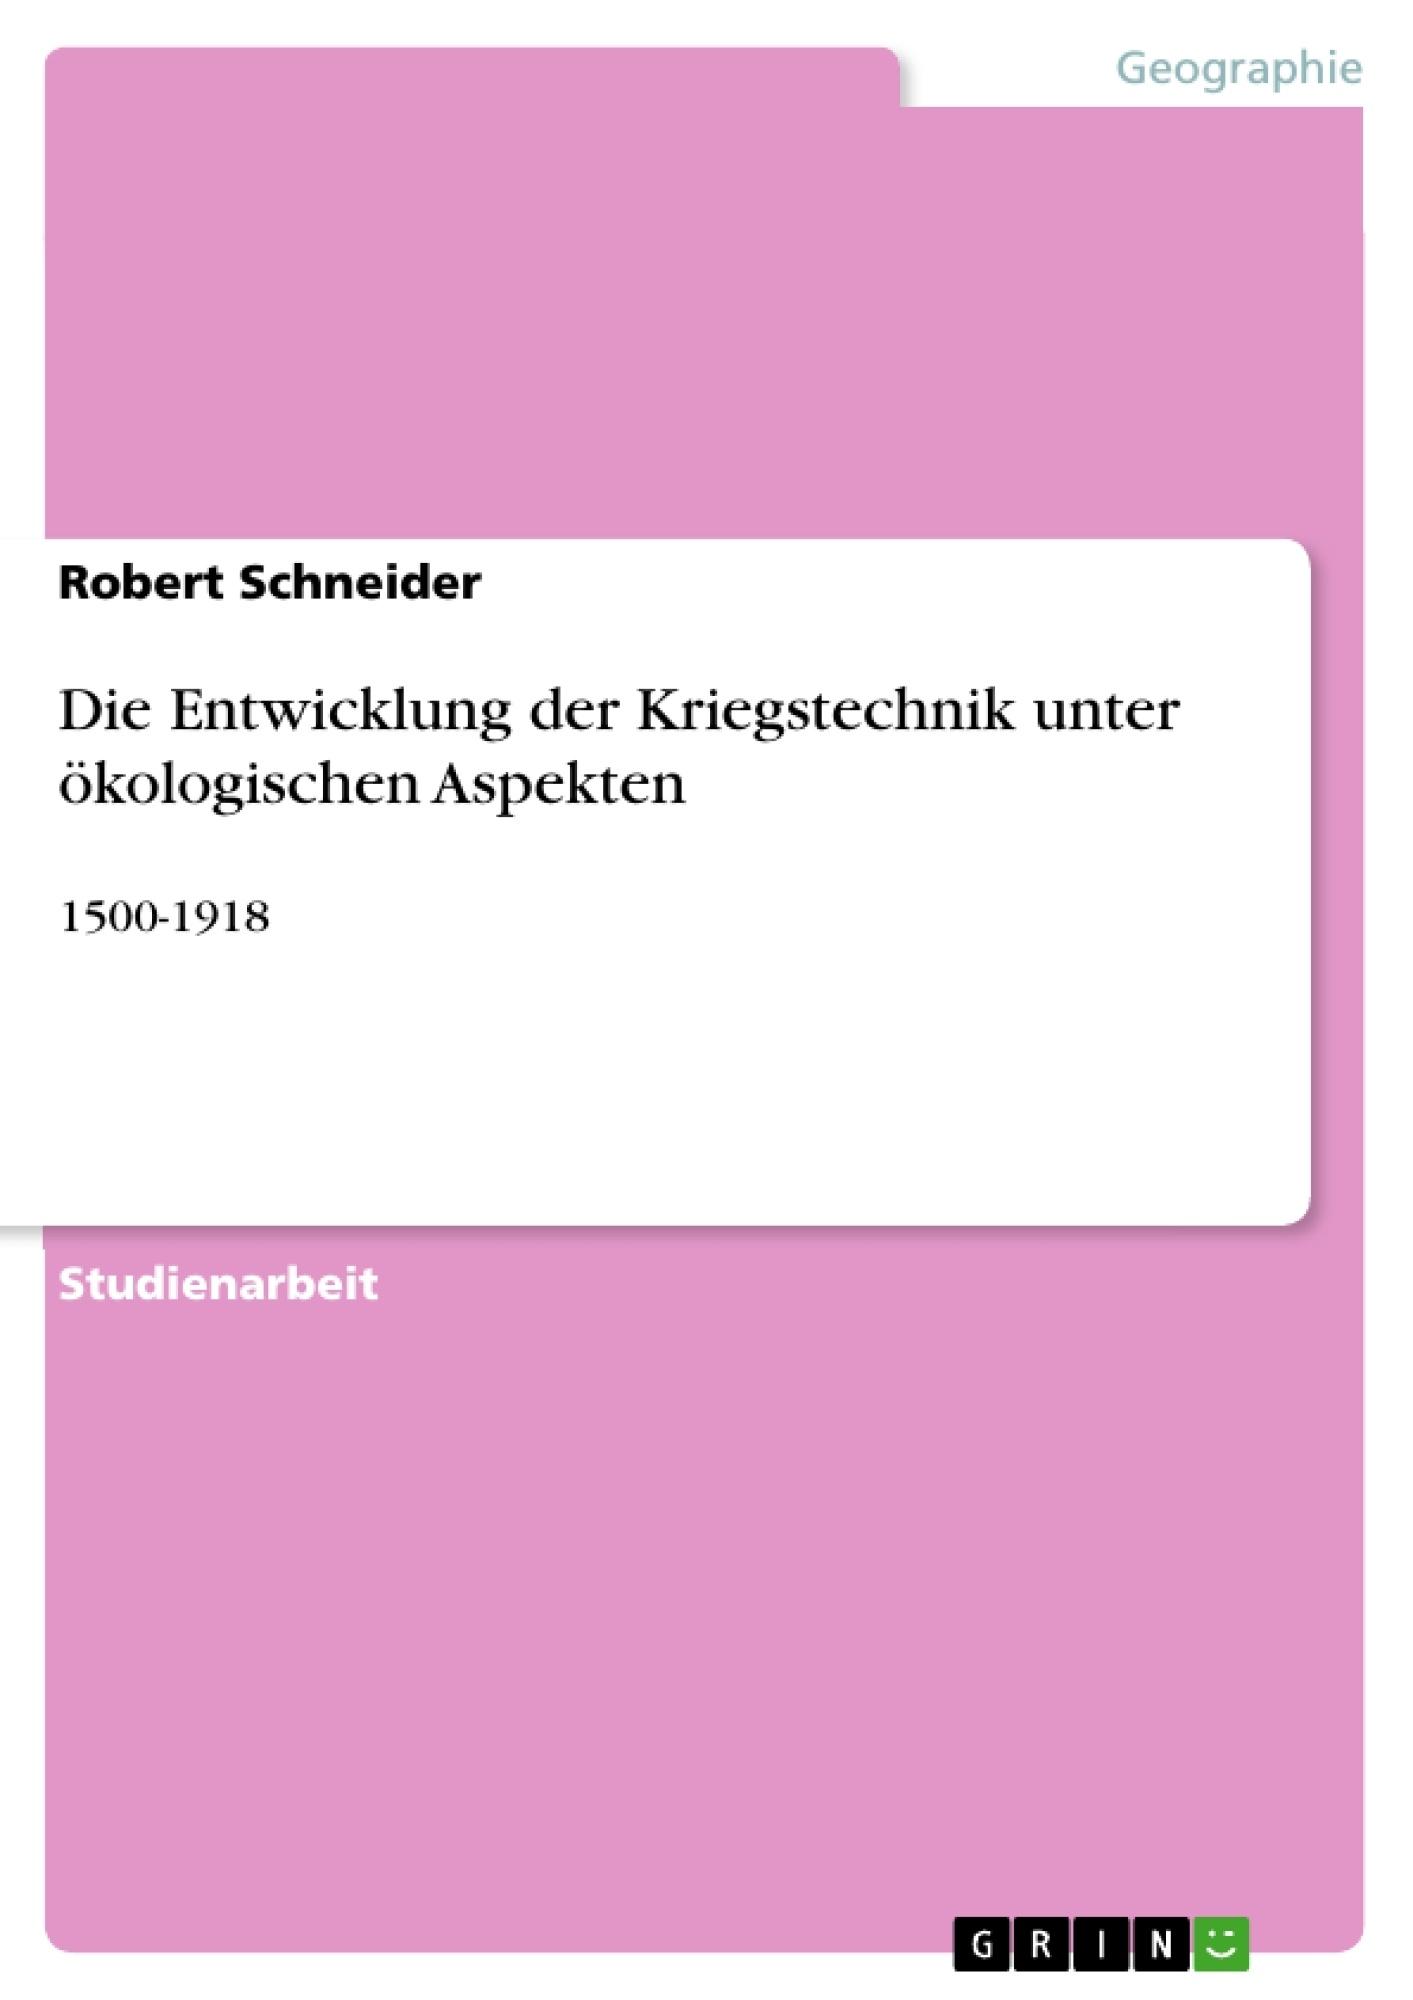 Titel: Die Entwicklung der Kriegstechnik unter ökologischen Aspekten